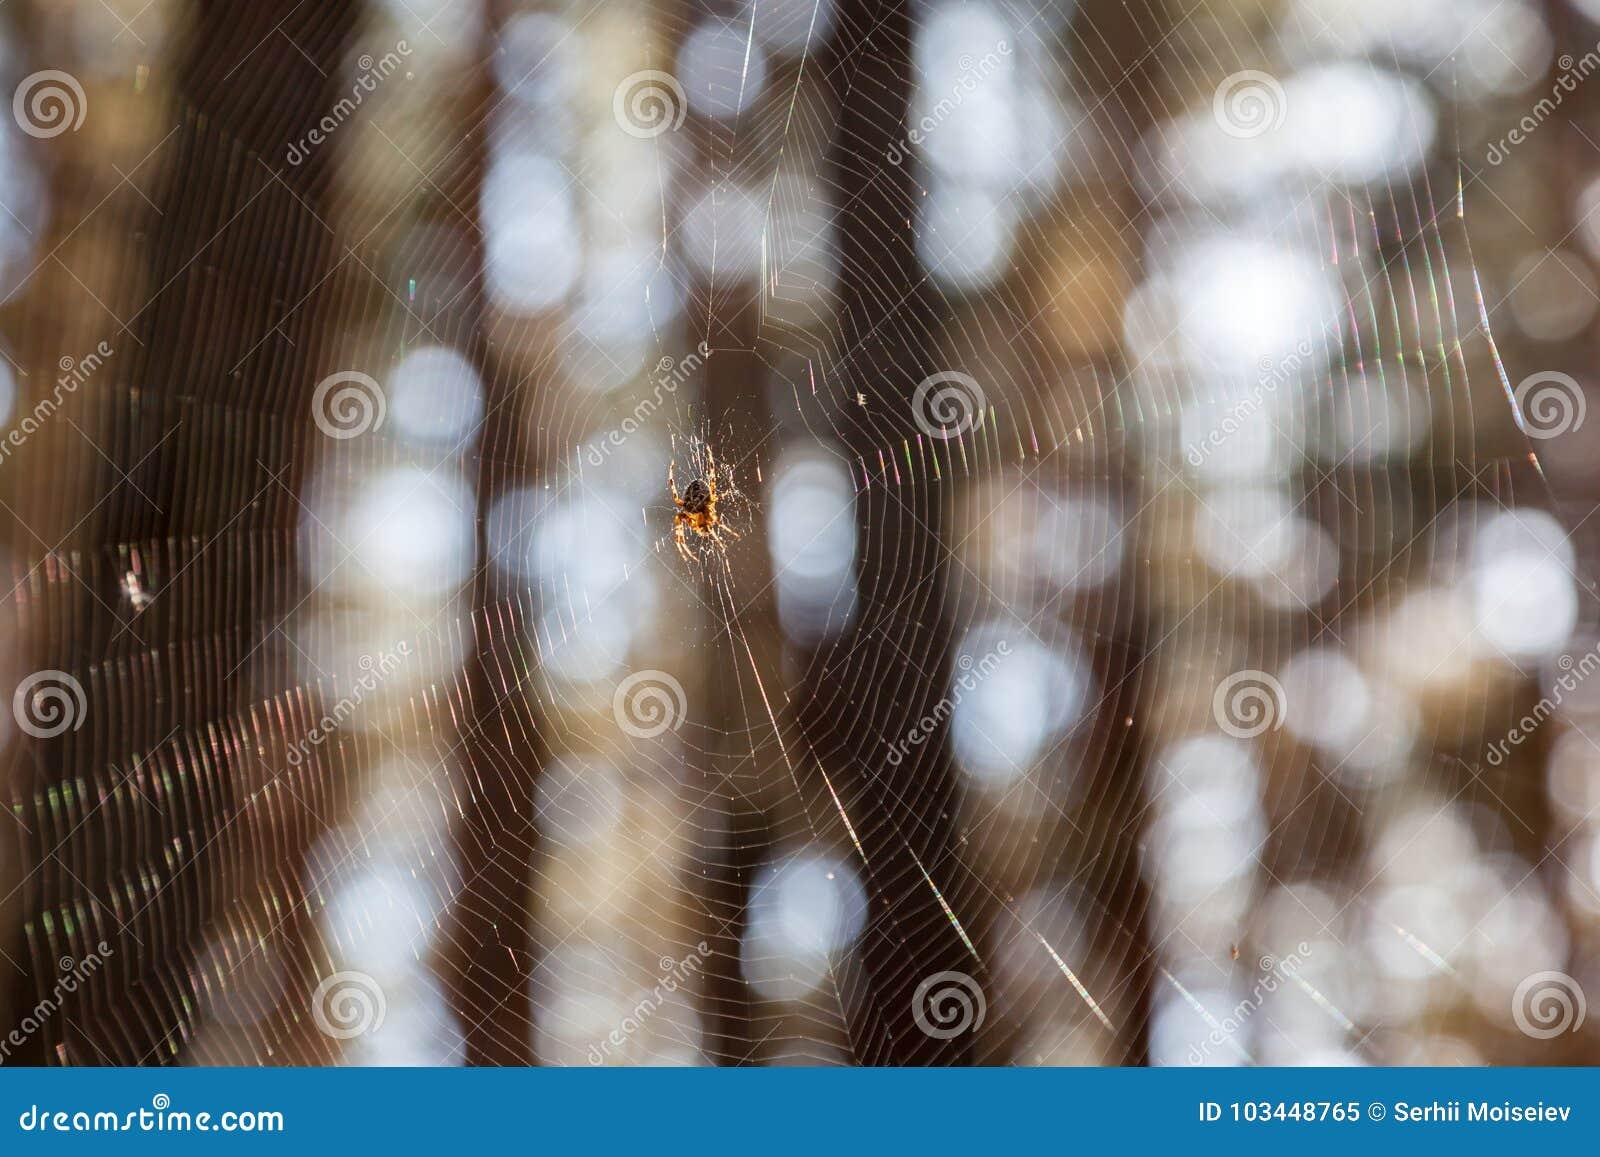 Dispersión de la luz del sol por la telaraña